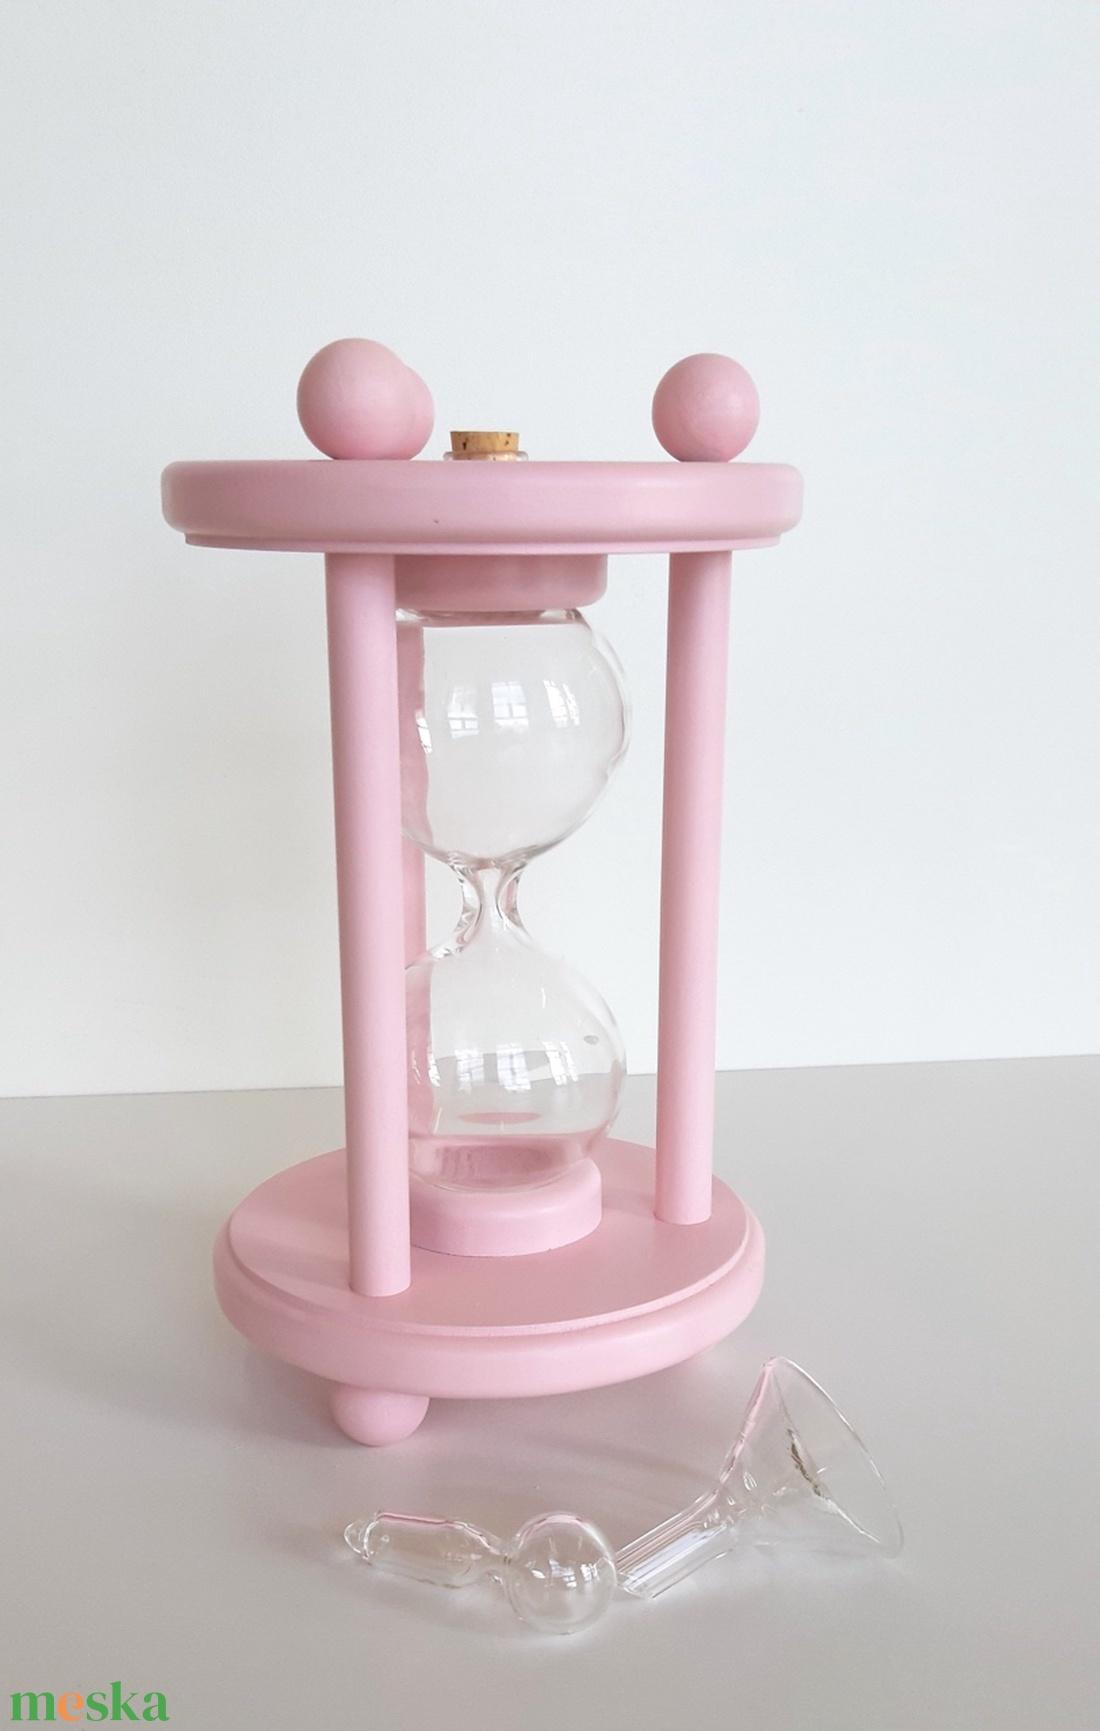 Rózsaszirom színű homokóra bükkfából, esküvőre - esküvő - emlék & ajándék - nászajándék - Meska.hu